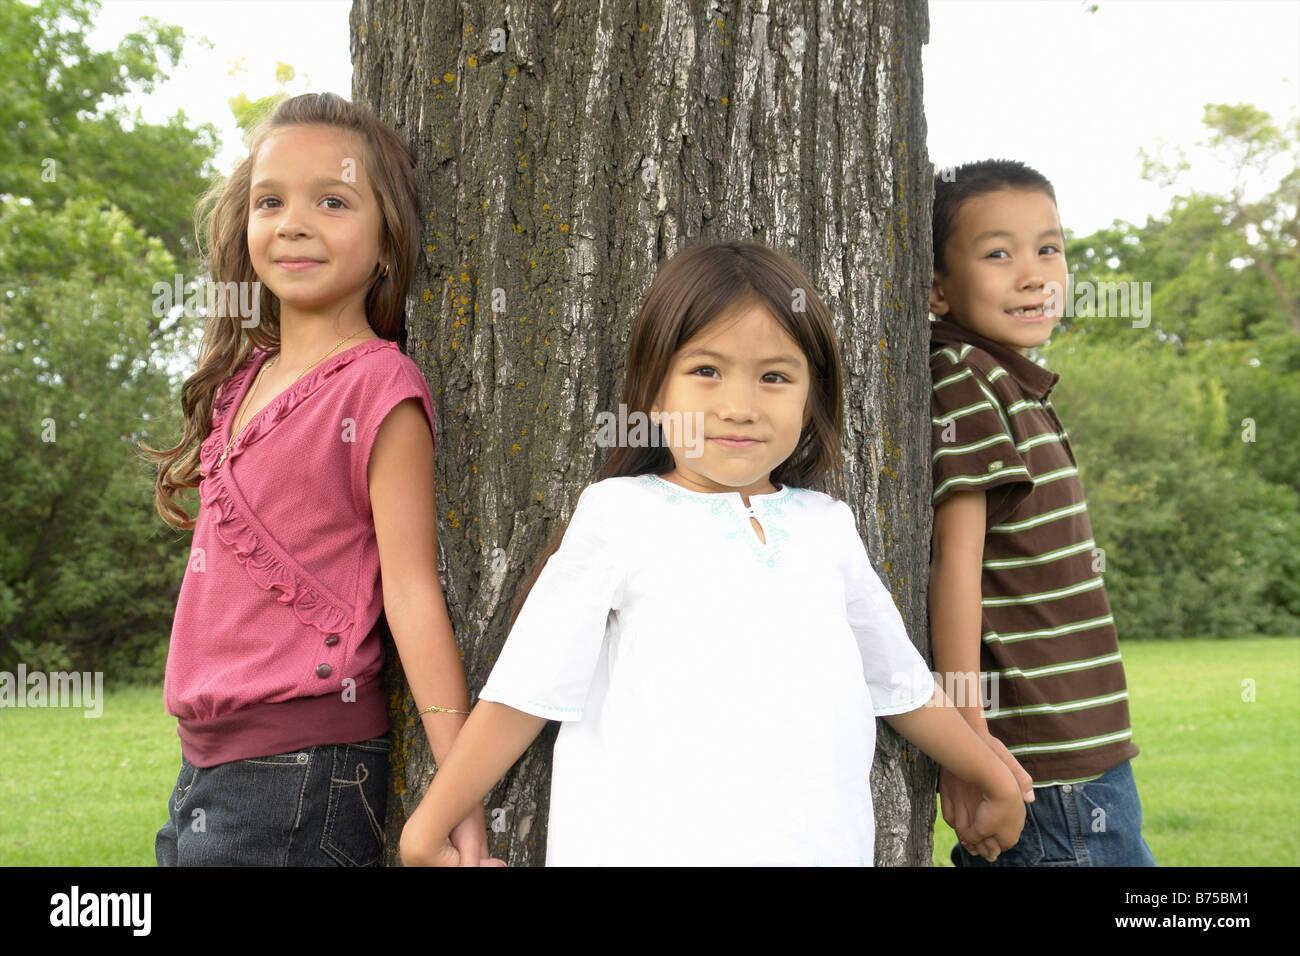 Cinque e sette anni ragazze e sette anni di vecchio ragazzo tenere mani attorno ad albero, Winnipeg, Canada Immagini Stock